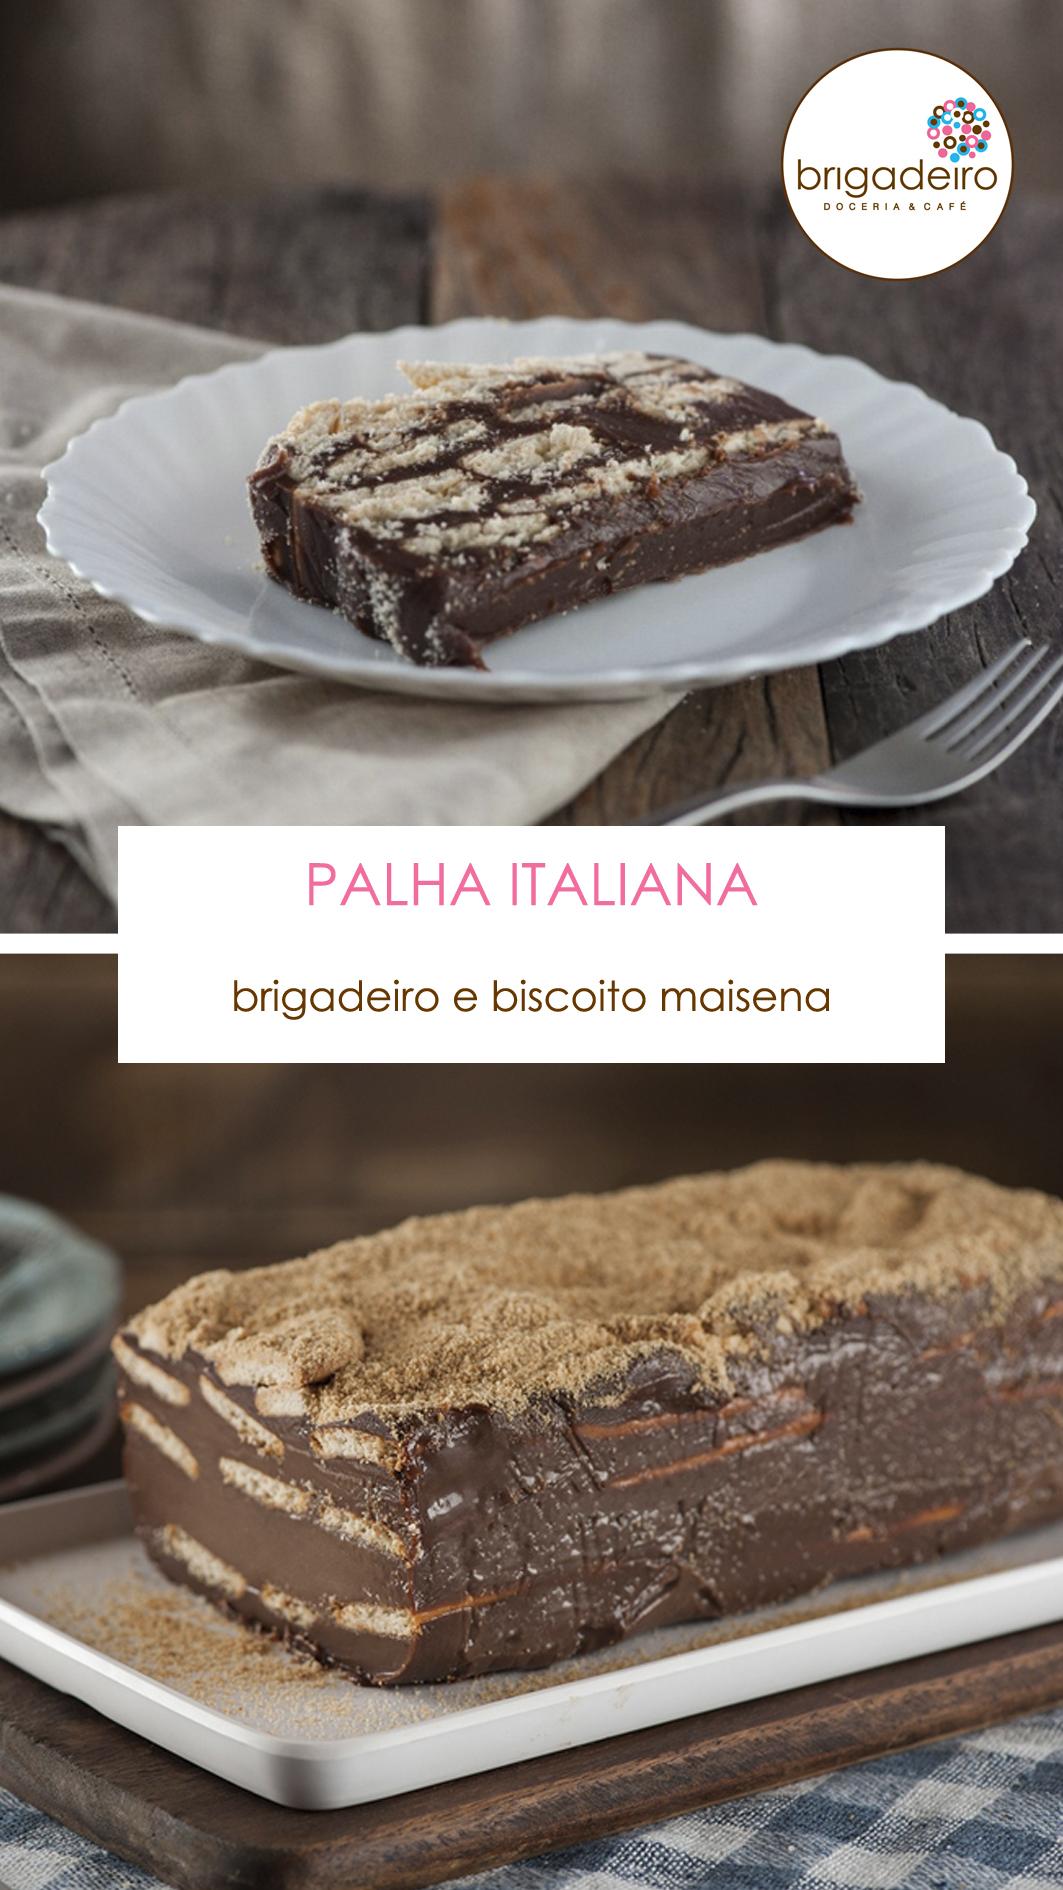 04 - PALHA ITALIANA